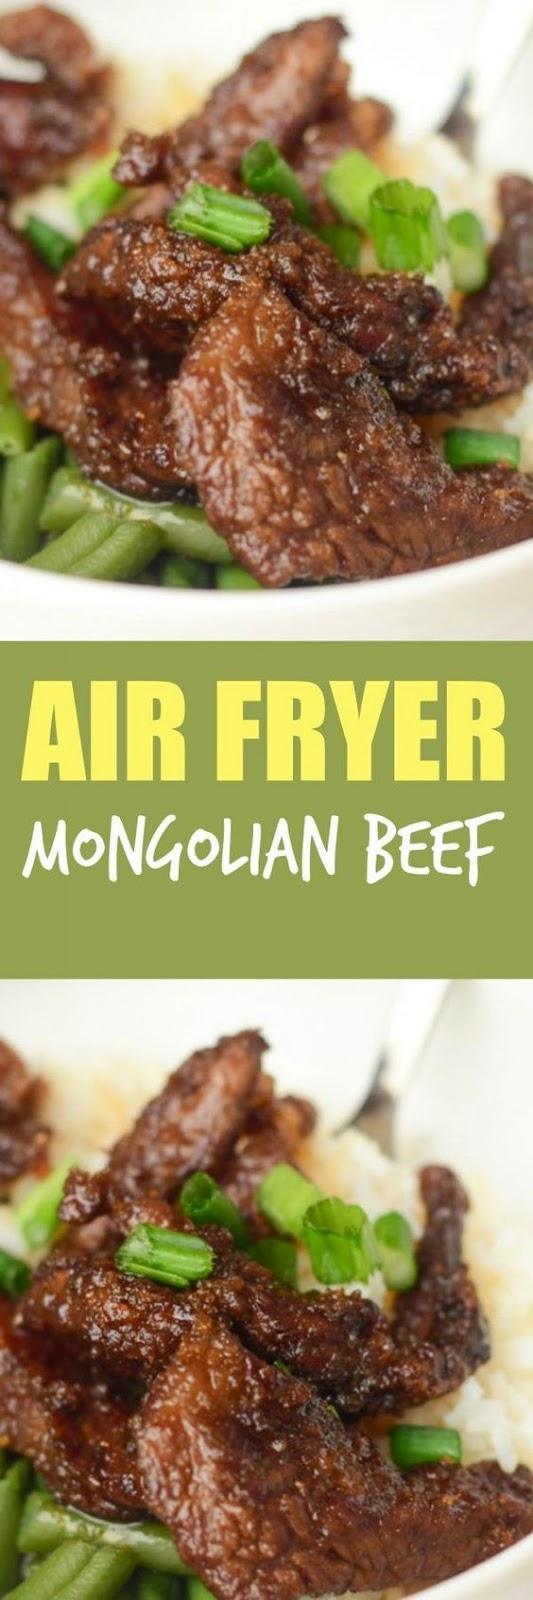 Air Fryer Mongolian Beef